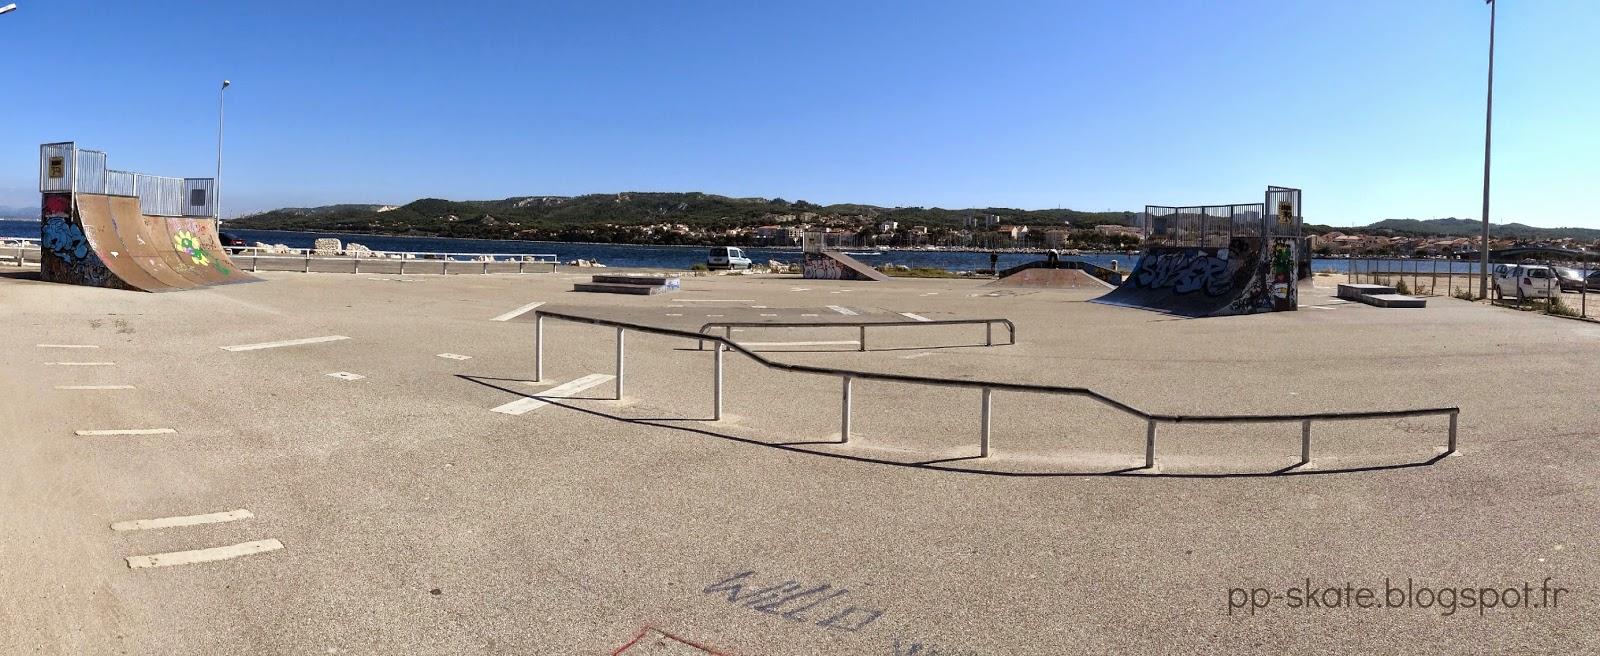 skatepark Martigues